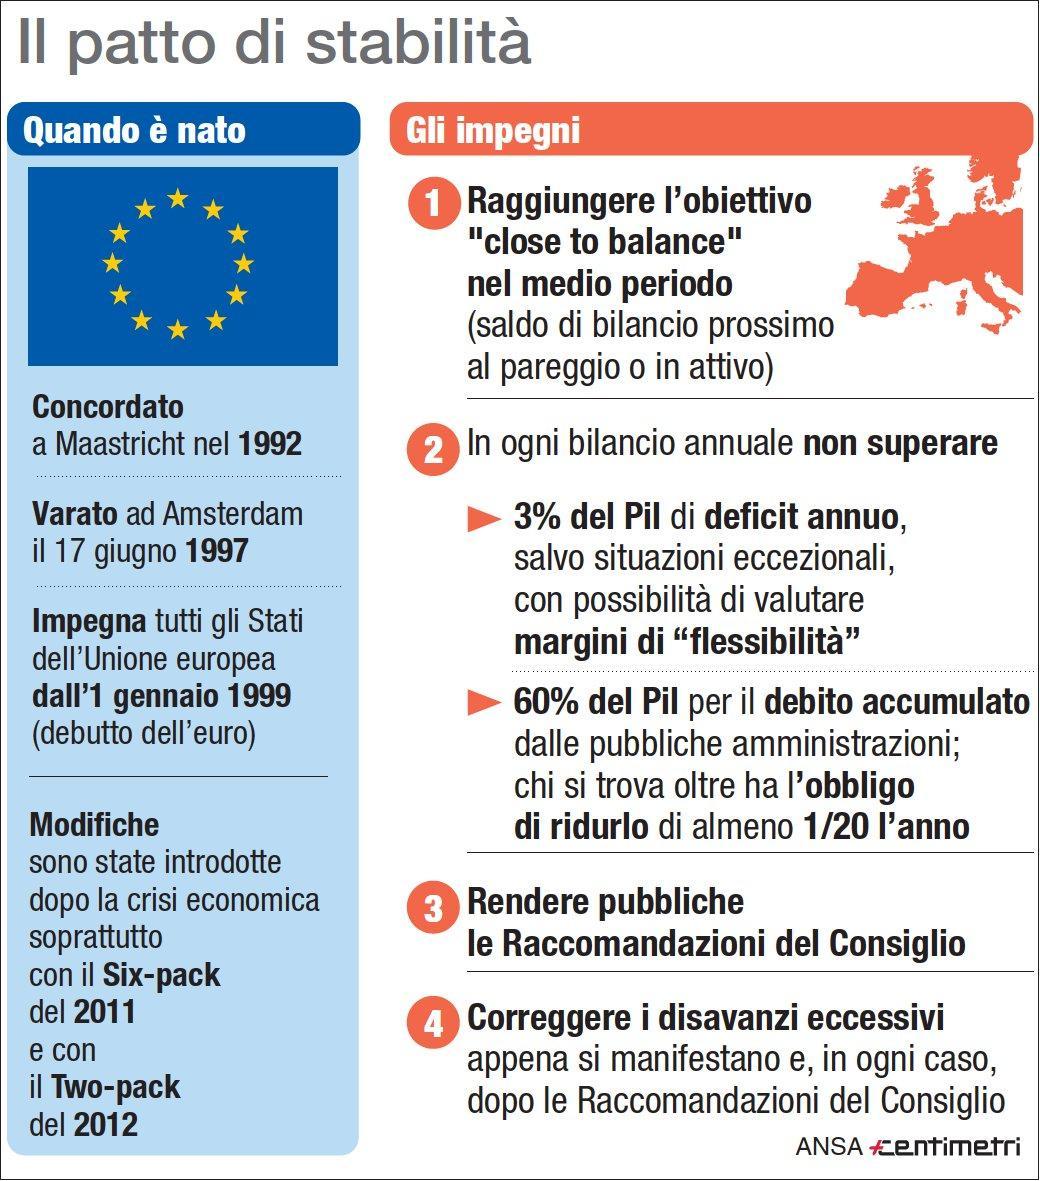 Il patto di stabilità tra i Paesi dell Unione europea